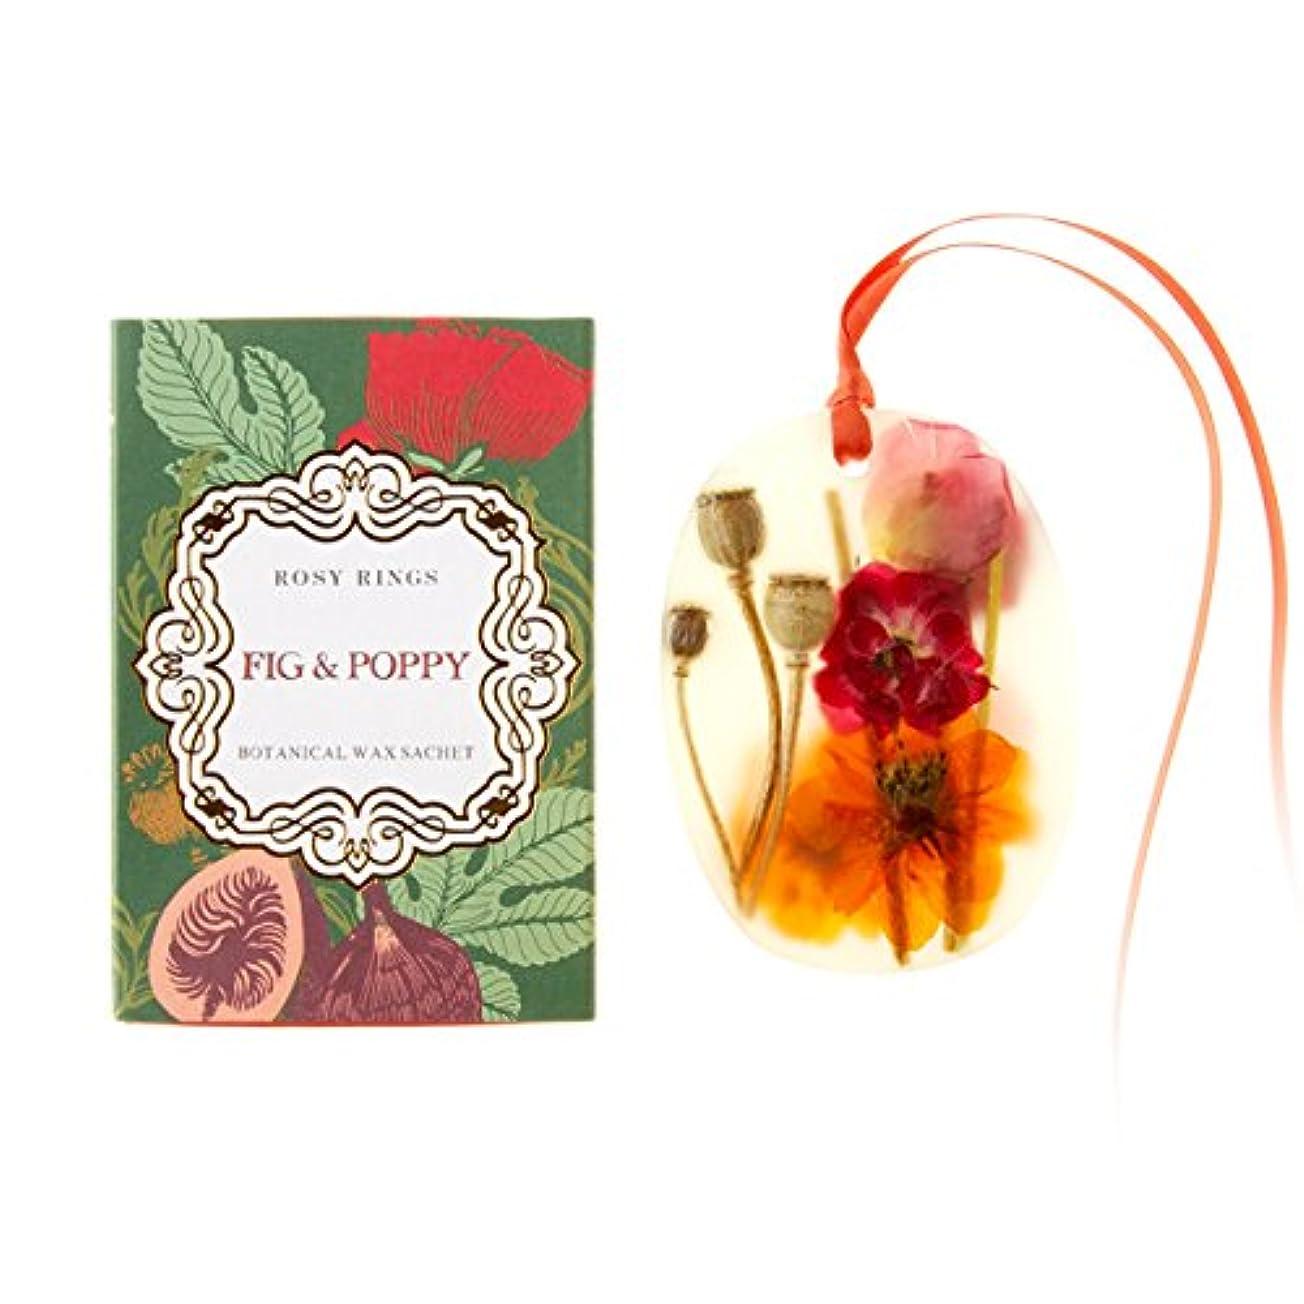 実行スチュワードロック解除ロージーリングス プティボタニカルサシェ フィグ&ポピー ROSY RINGS Petite Oval Botanical Wax Sachet Fig & Poppy